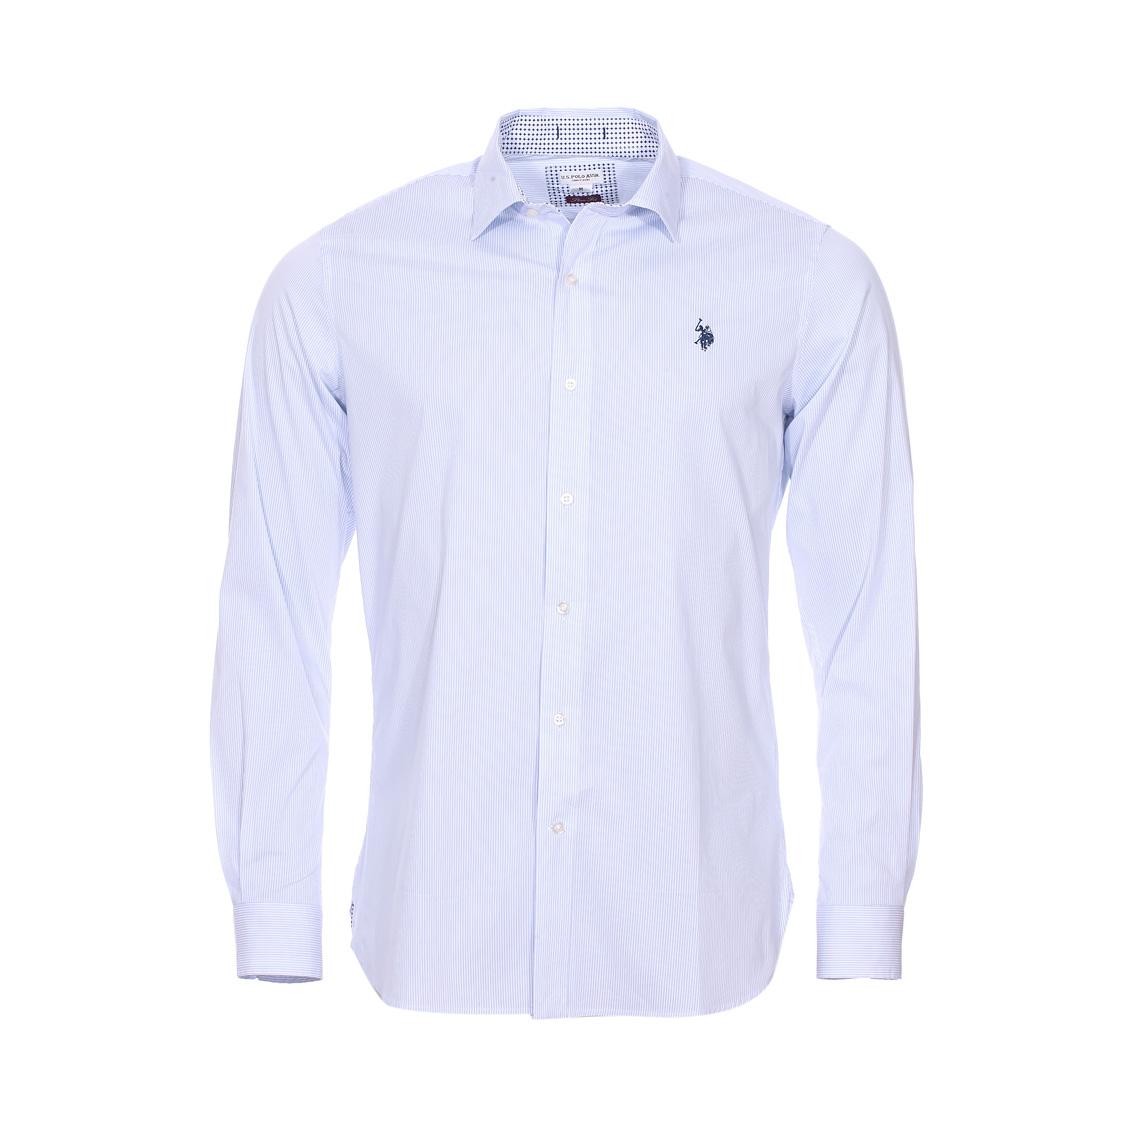 Chemise cintrée U.S. Polo Assn. Octavi en coton stretch blanc à fines rayures bleu ciel